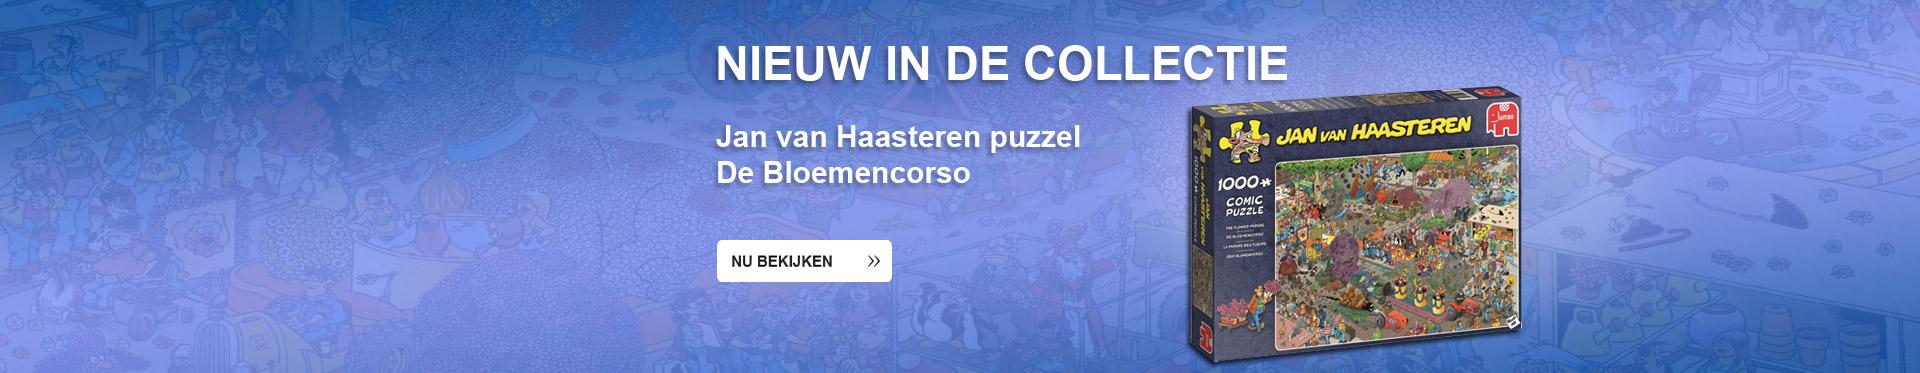 Jan van Haasteren puzzels